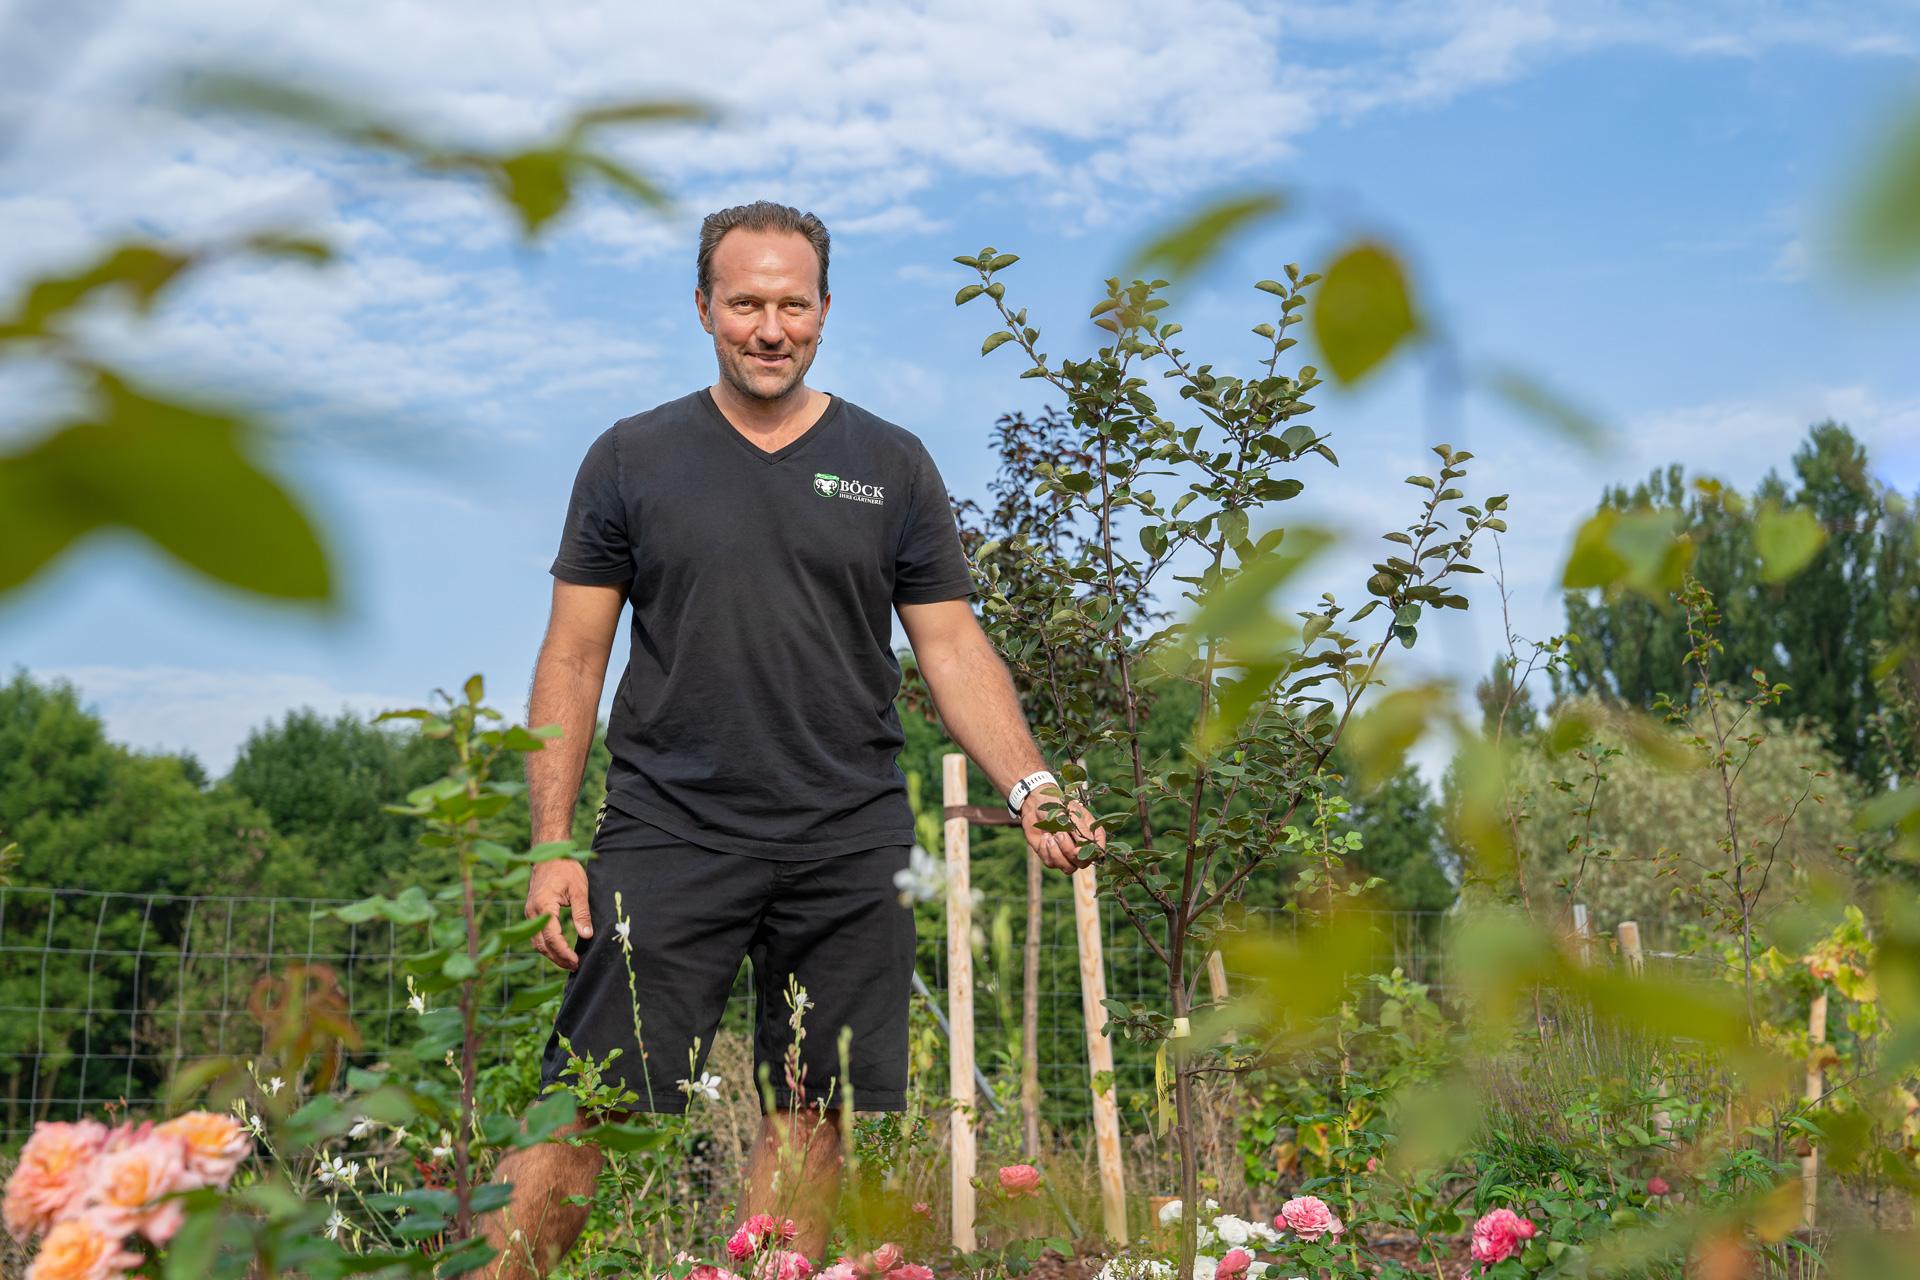 Gärtnerei Böck Garten- und Landschaftsbau